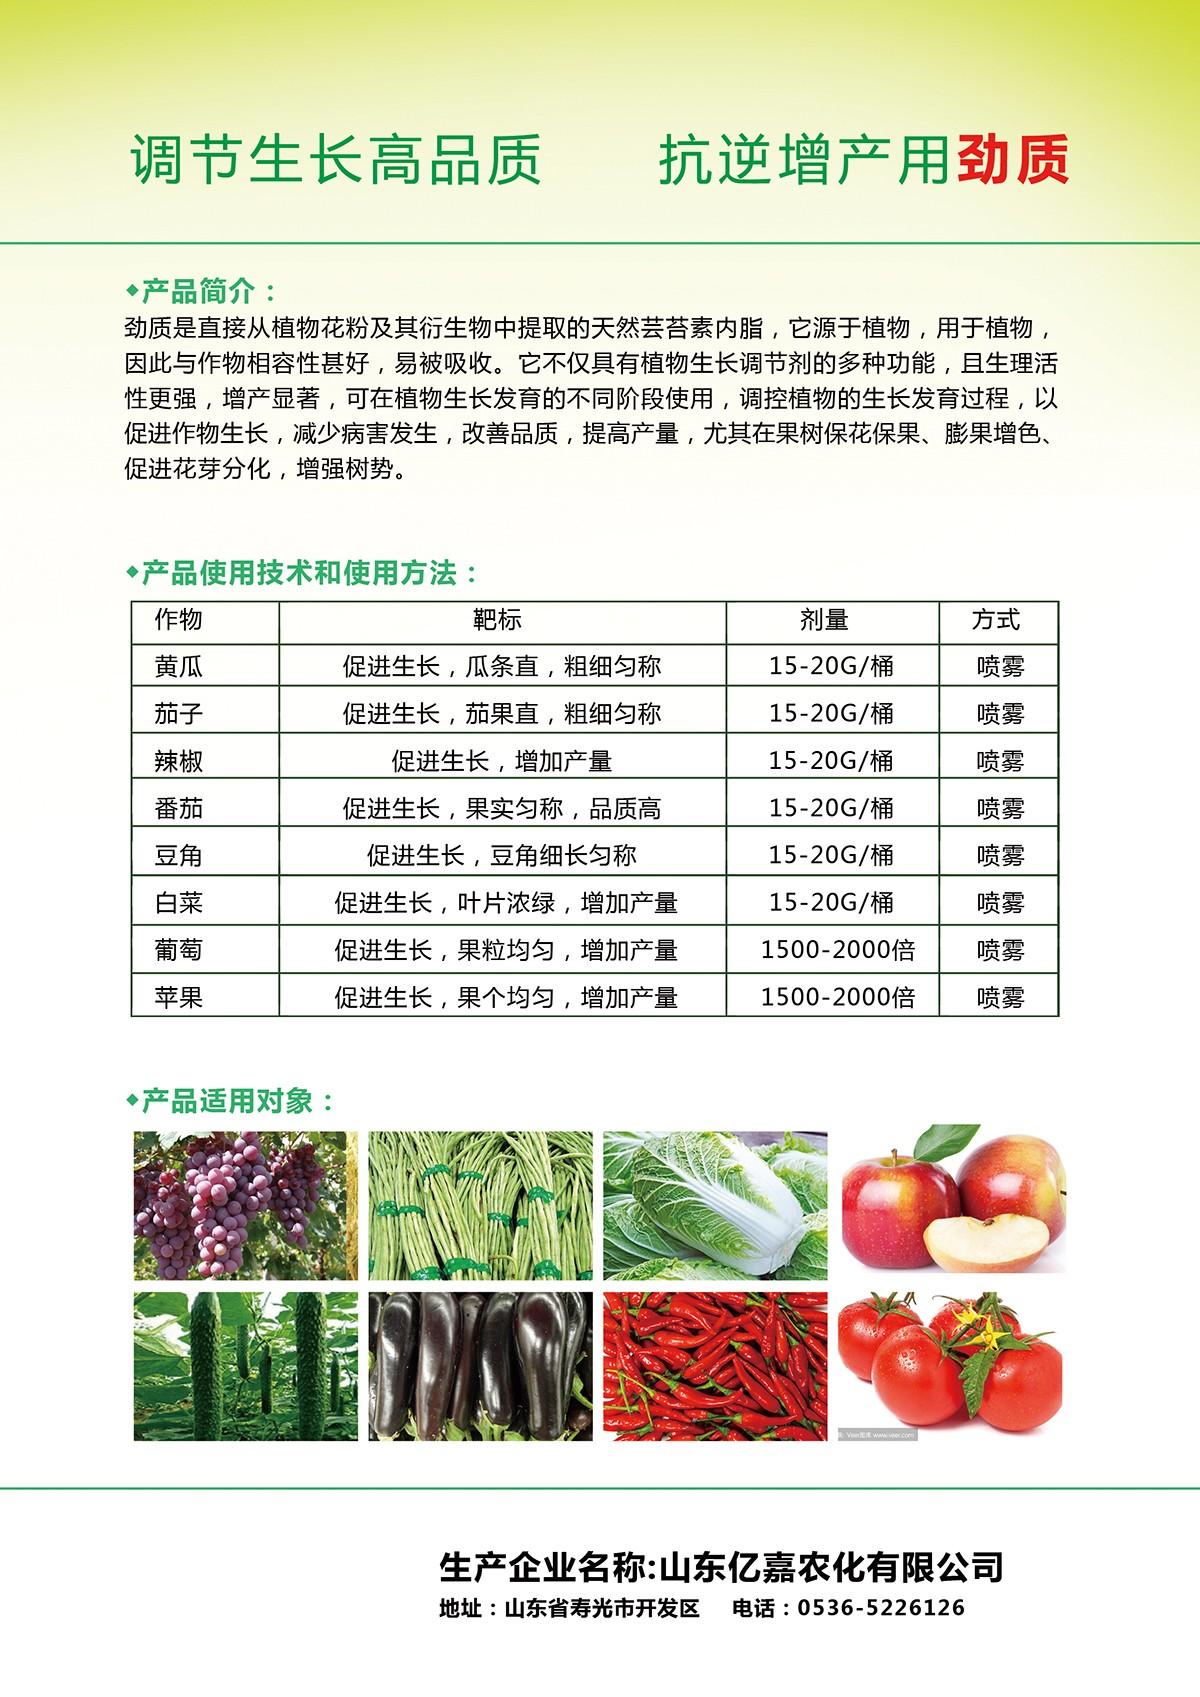 劲质单页反面-蔬菜.jpg